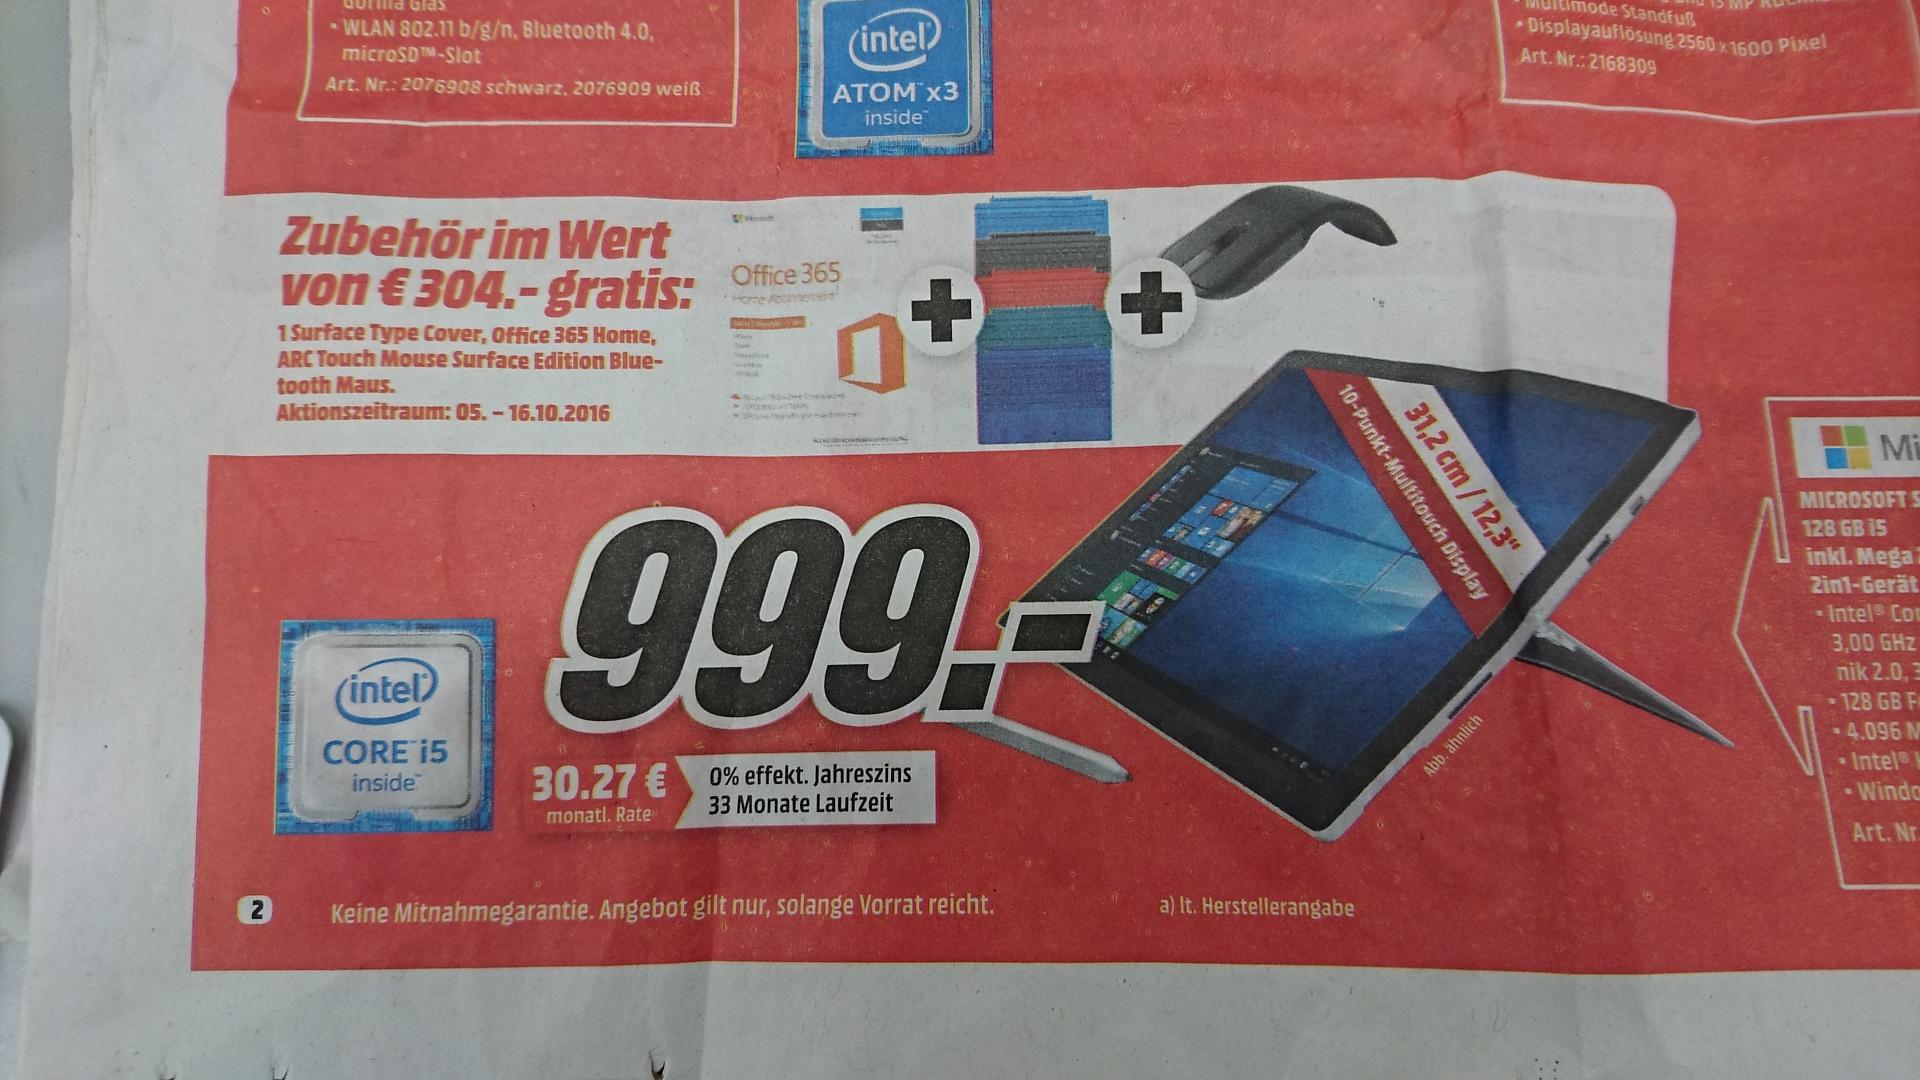 [Lokal MM München] Surface Pro 4 (I5-6300U, 4GB, 128GB) inklusive Zubehör